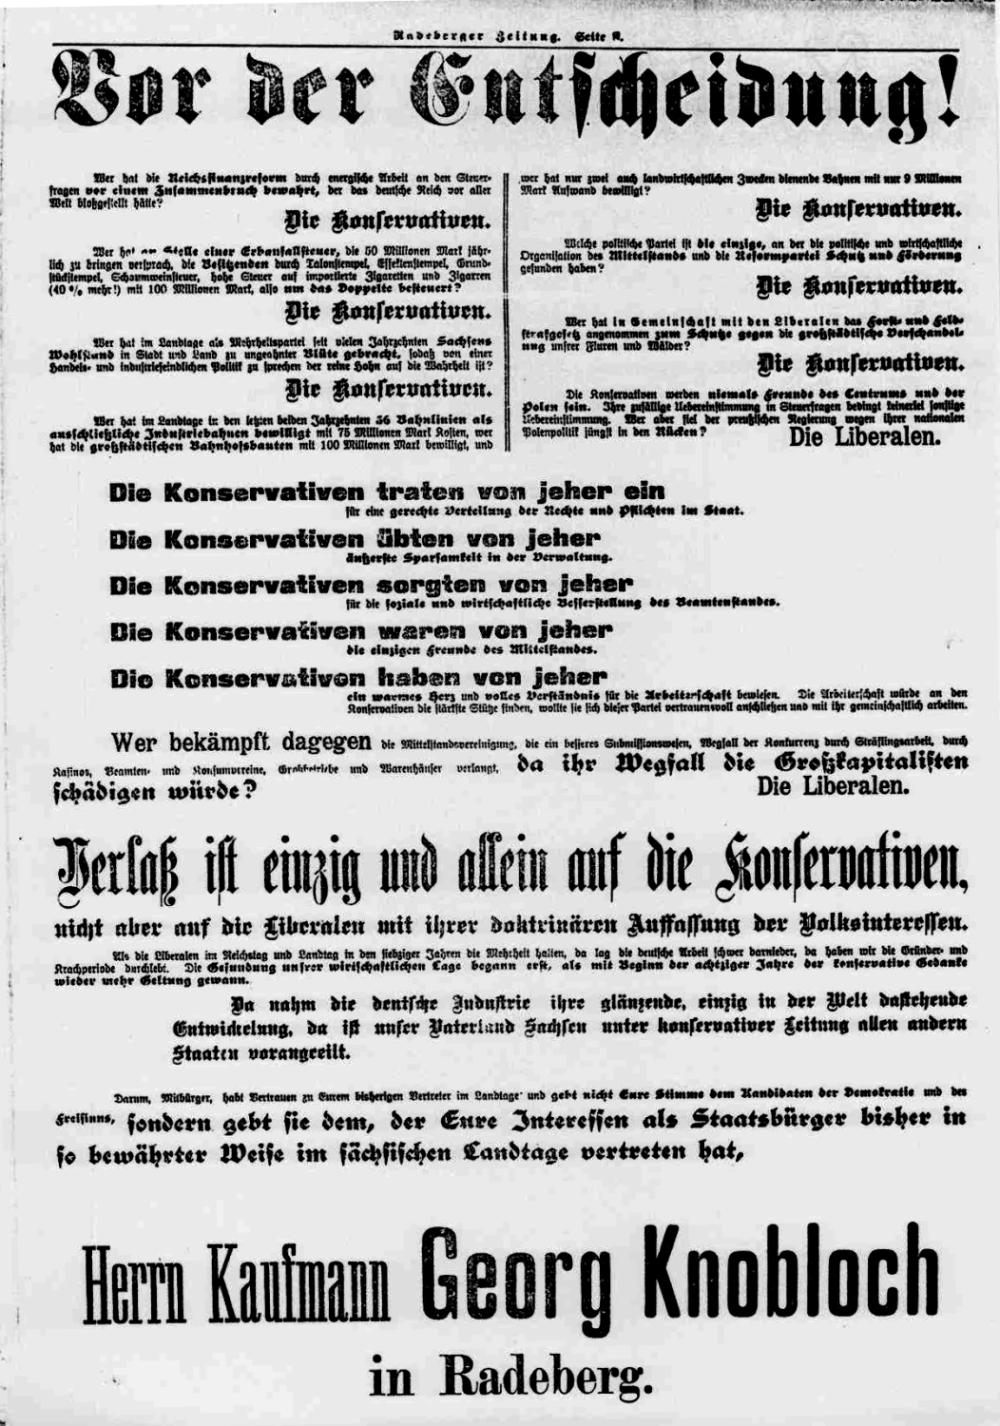 Georg Knobloch im Wahlkampf 1909: Radeberger Zeitung v. 17.10.1909